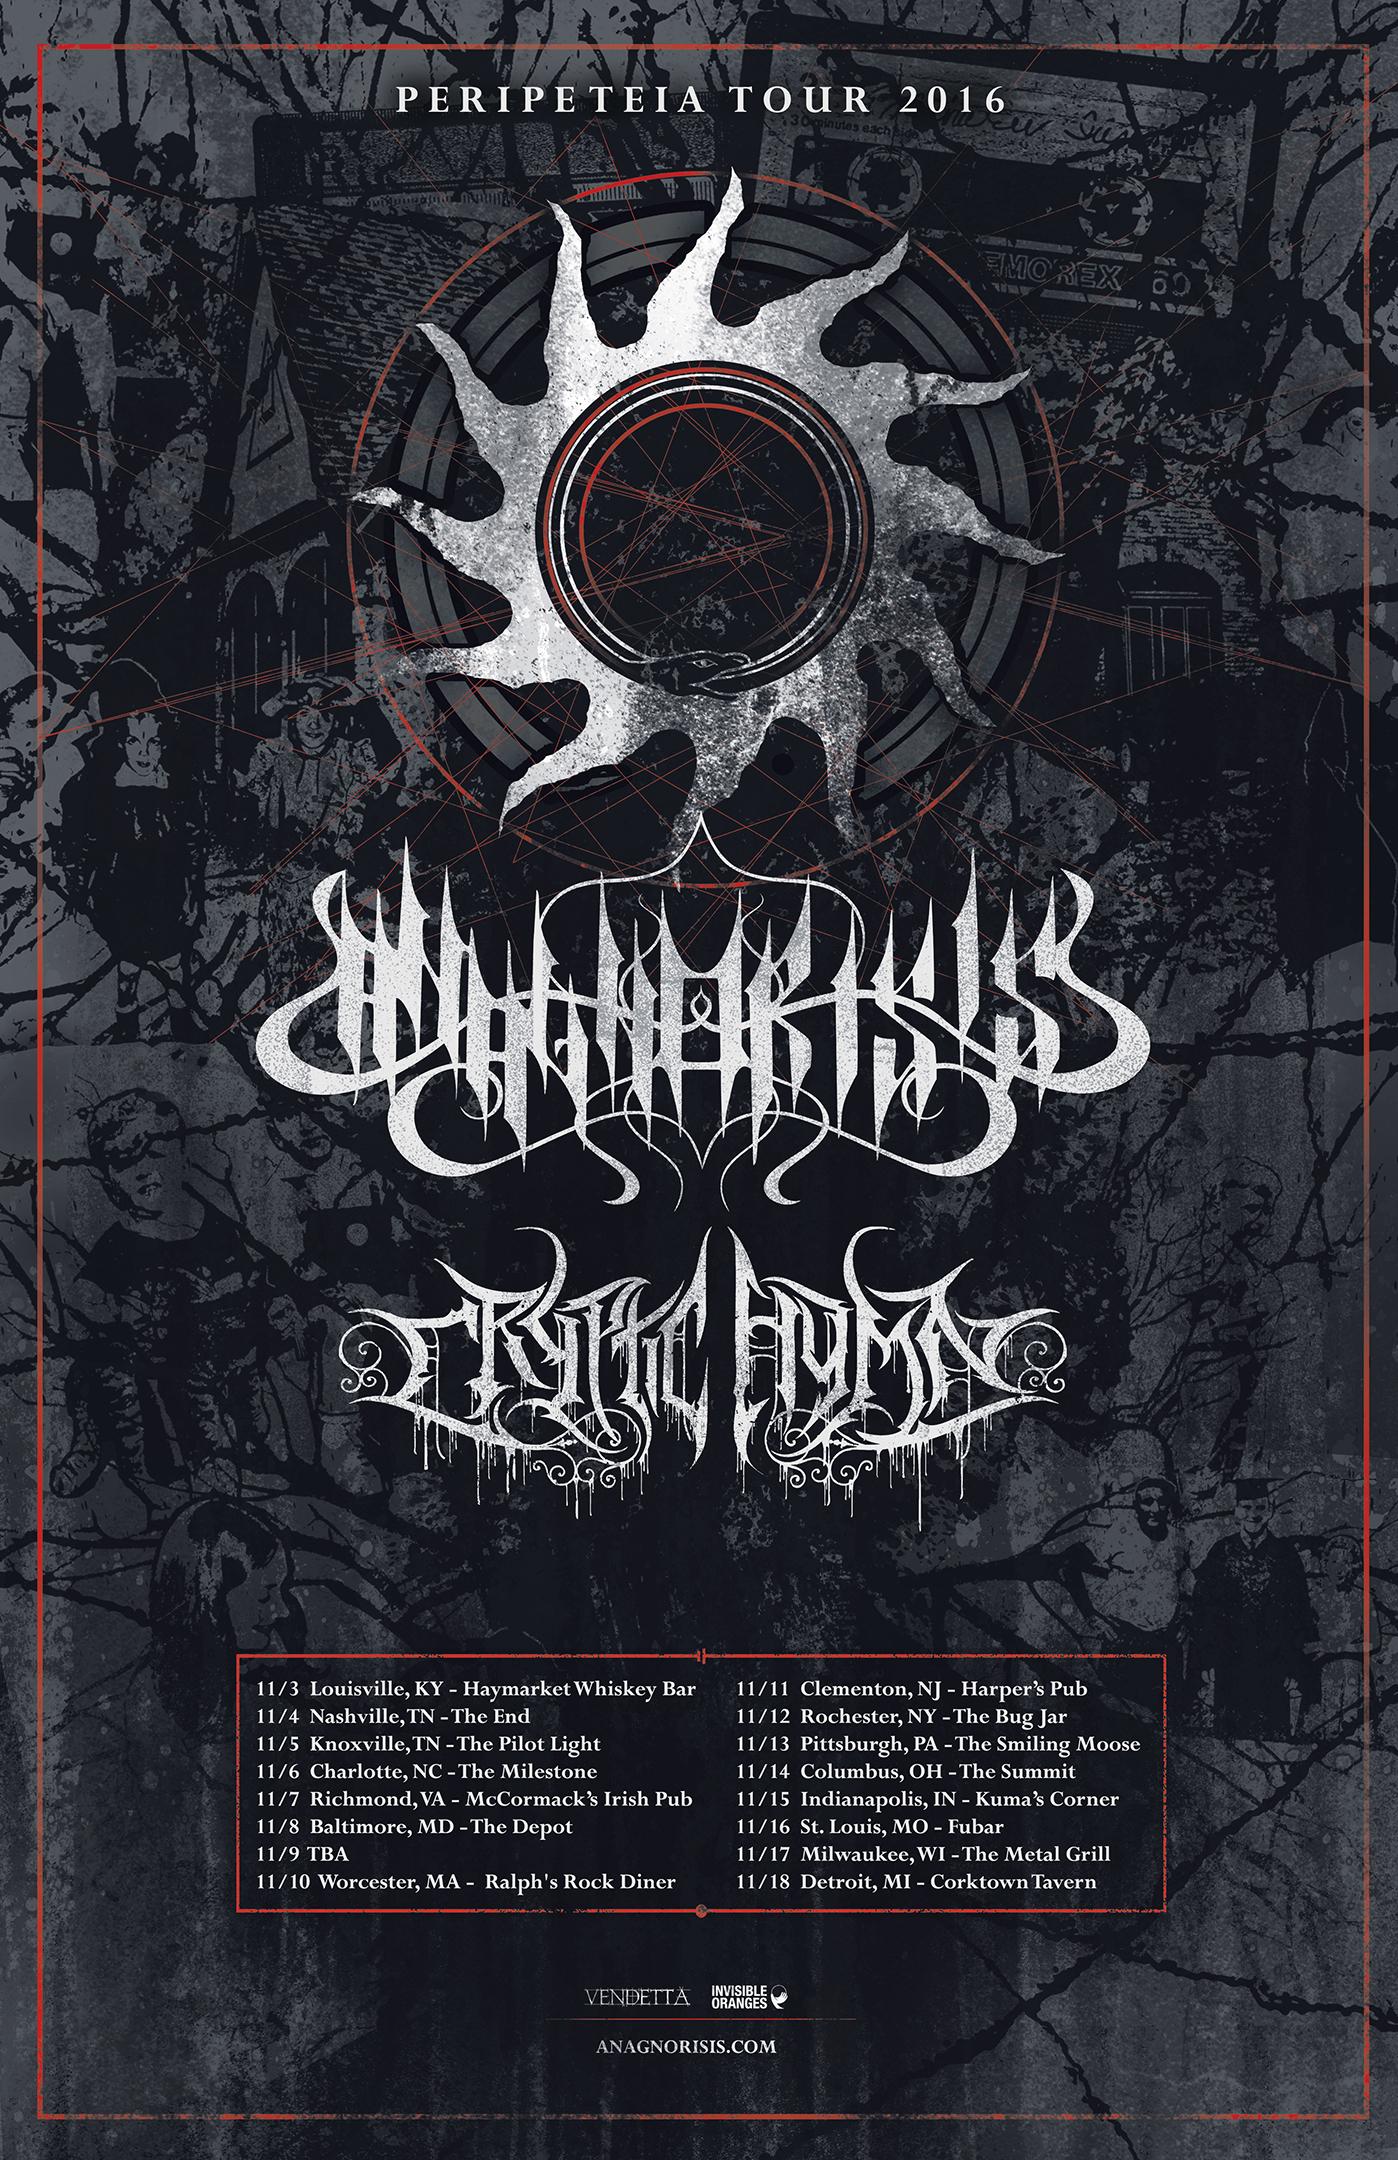 peripeteia-tour-2016-poster-web